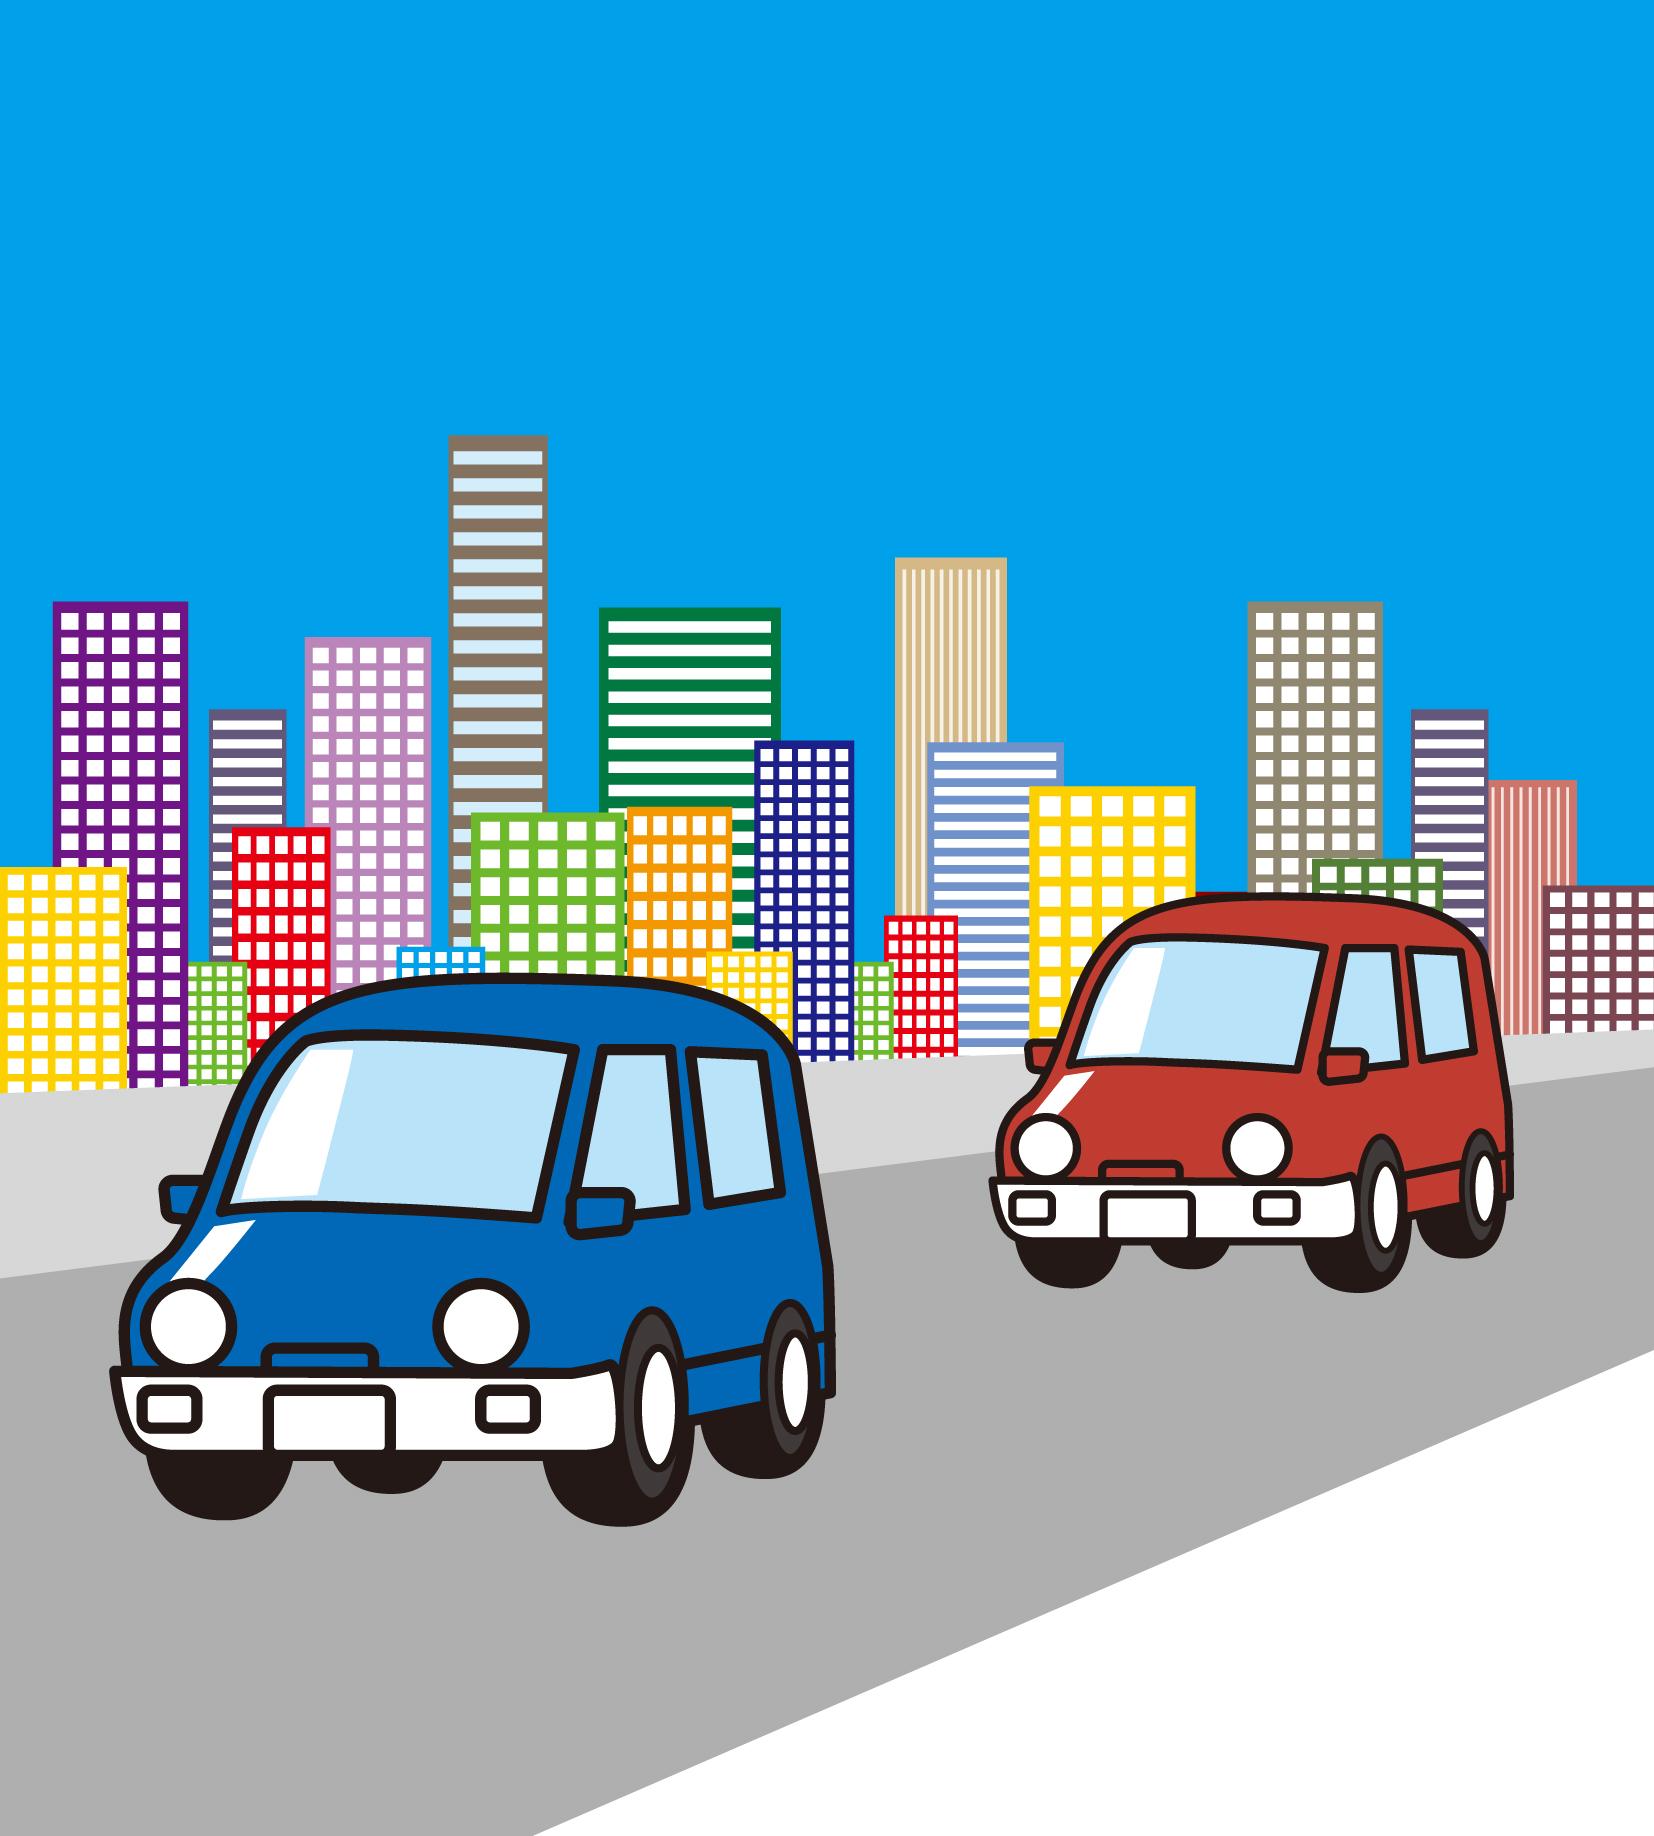 韓国の交通マナーが悪過ぎる。工場の構内でもジグザグ運転